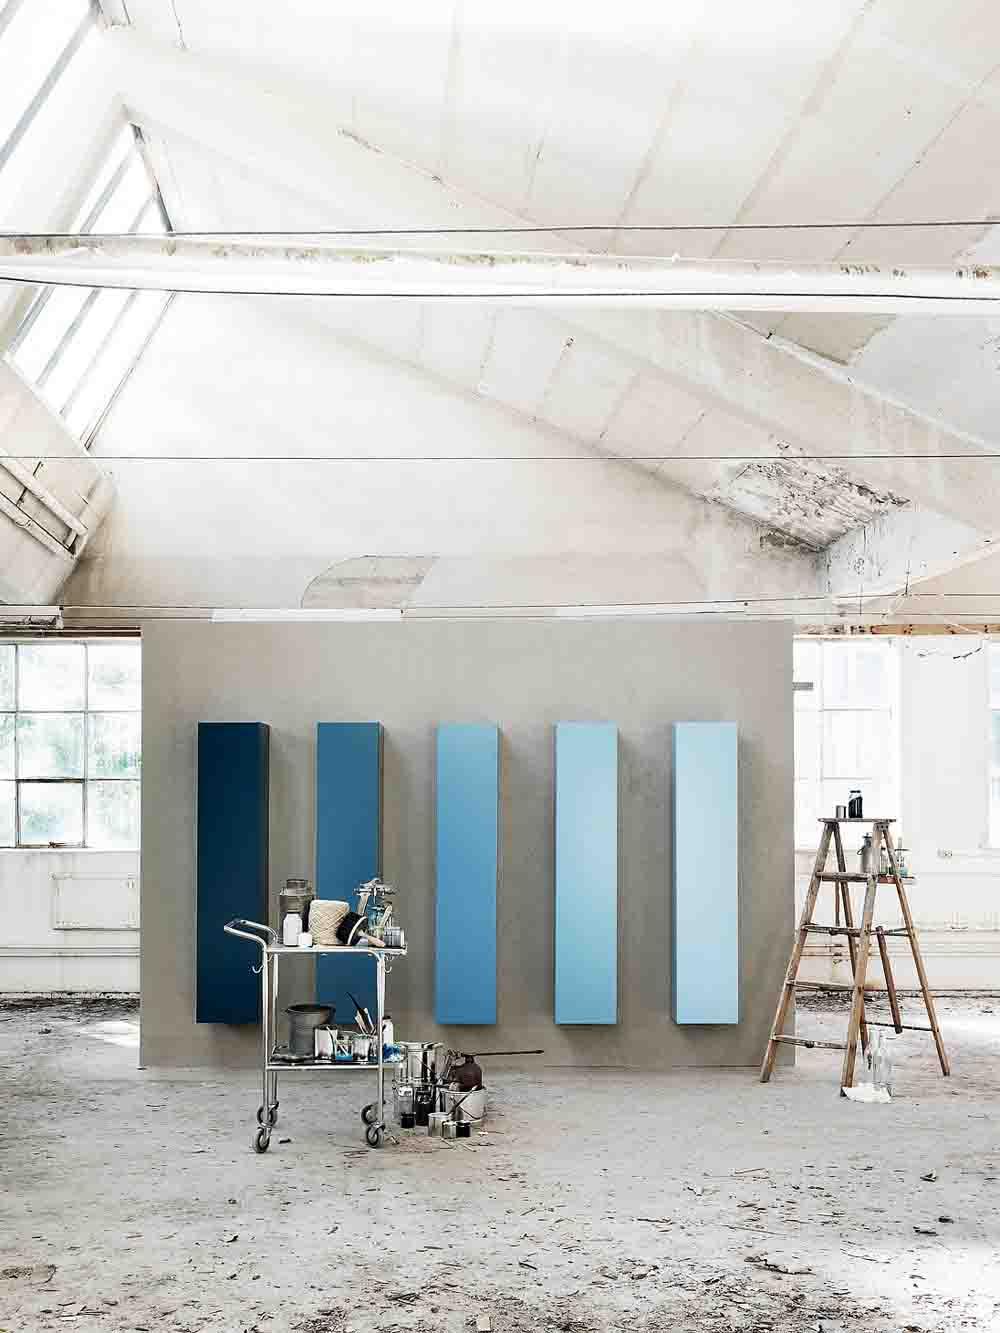 Inspireras av Aspens badrumsinredning som här presenteras i en  industrilokal stylad av Lotta Agaton. Tänk färg b3f99da69d49c